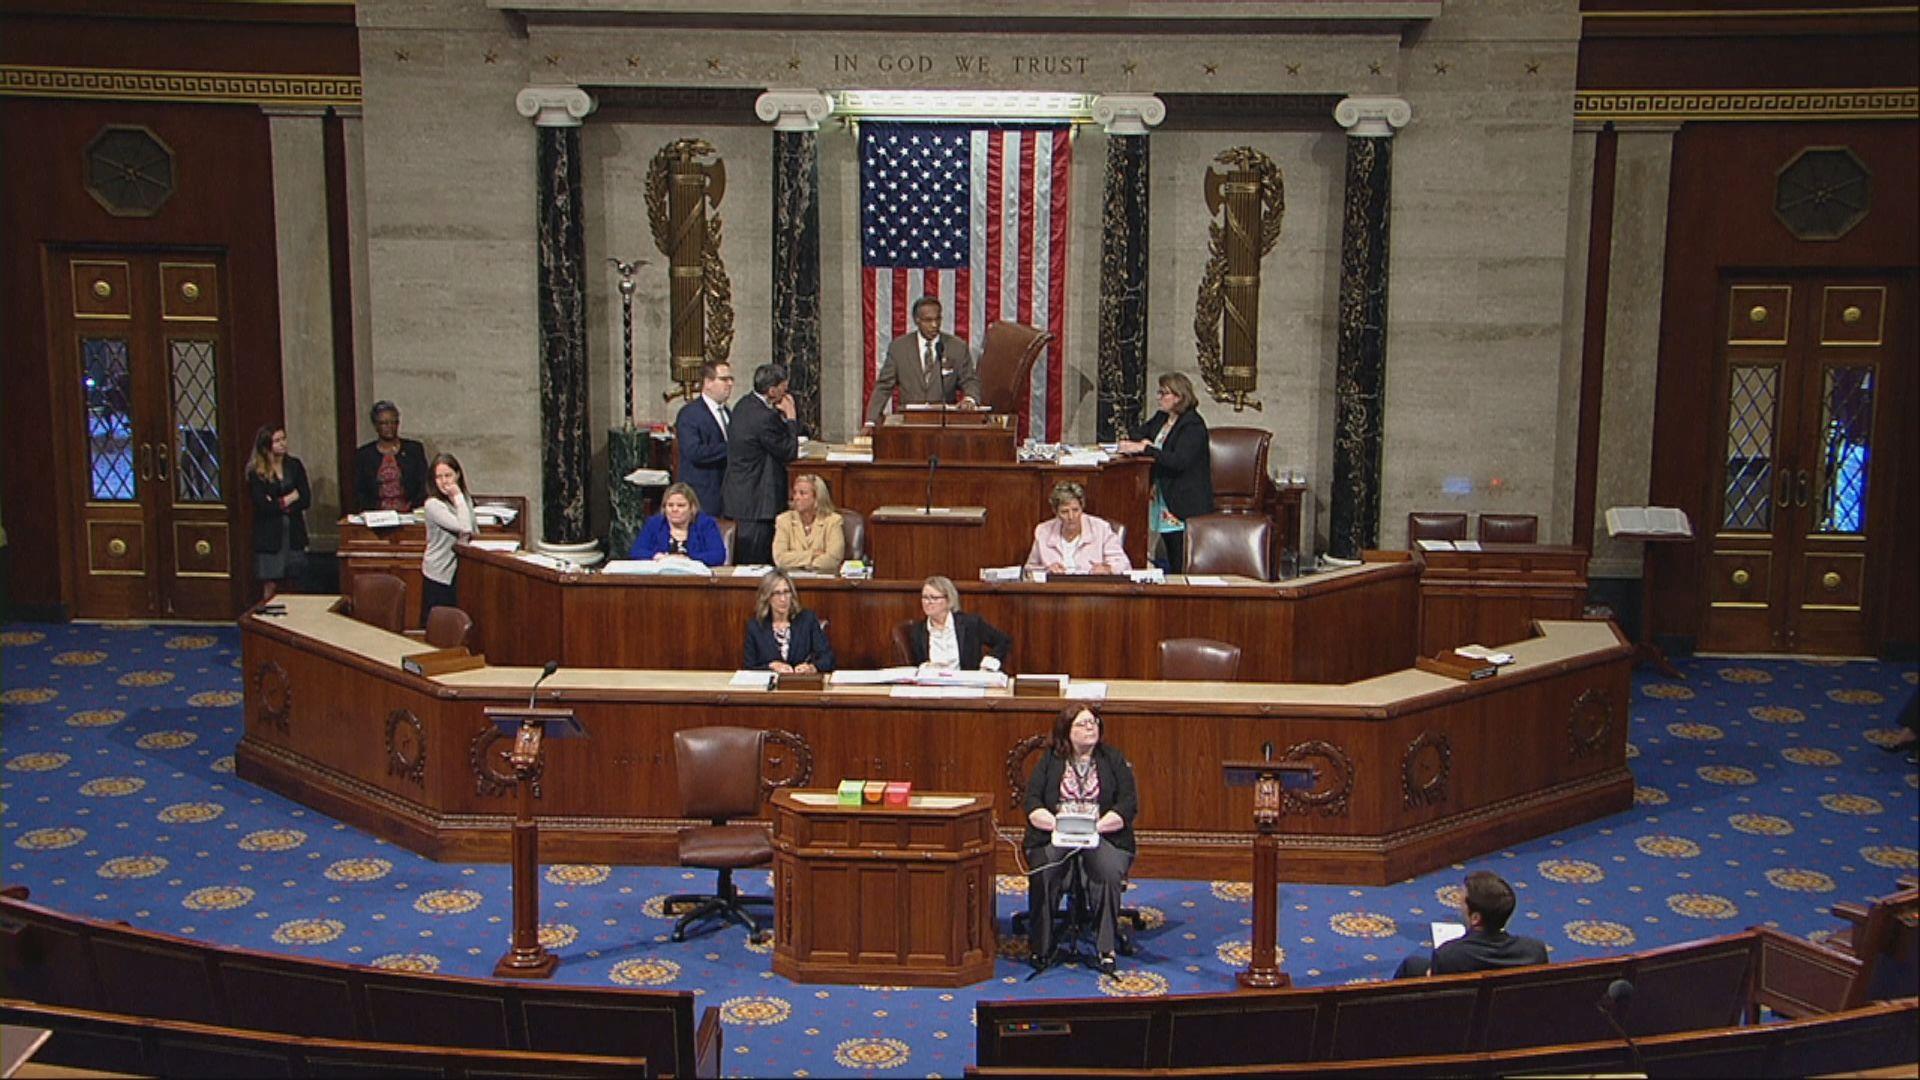 美眾議院通過譴責特朗普排外言論